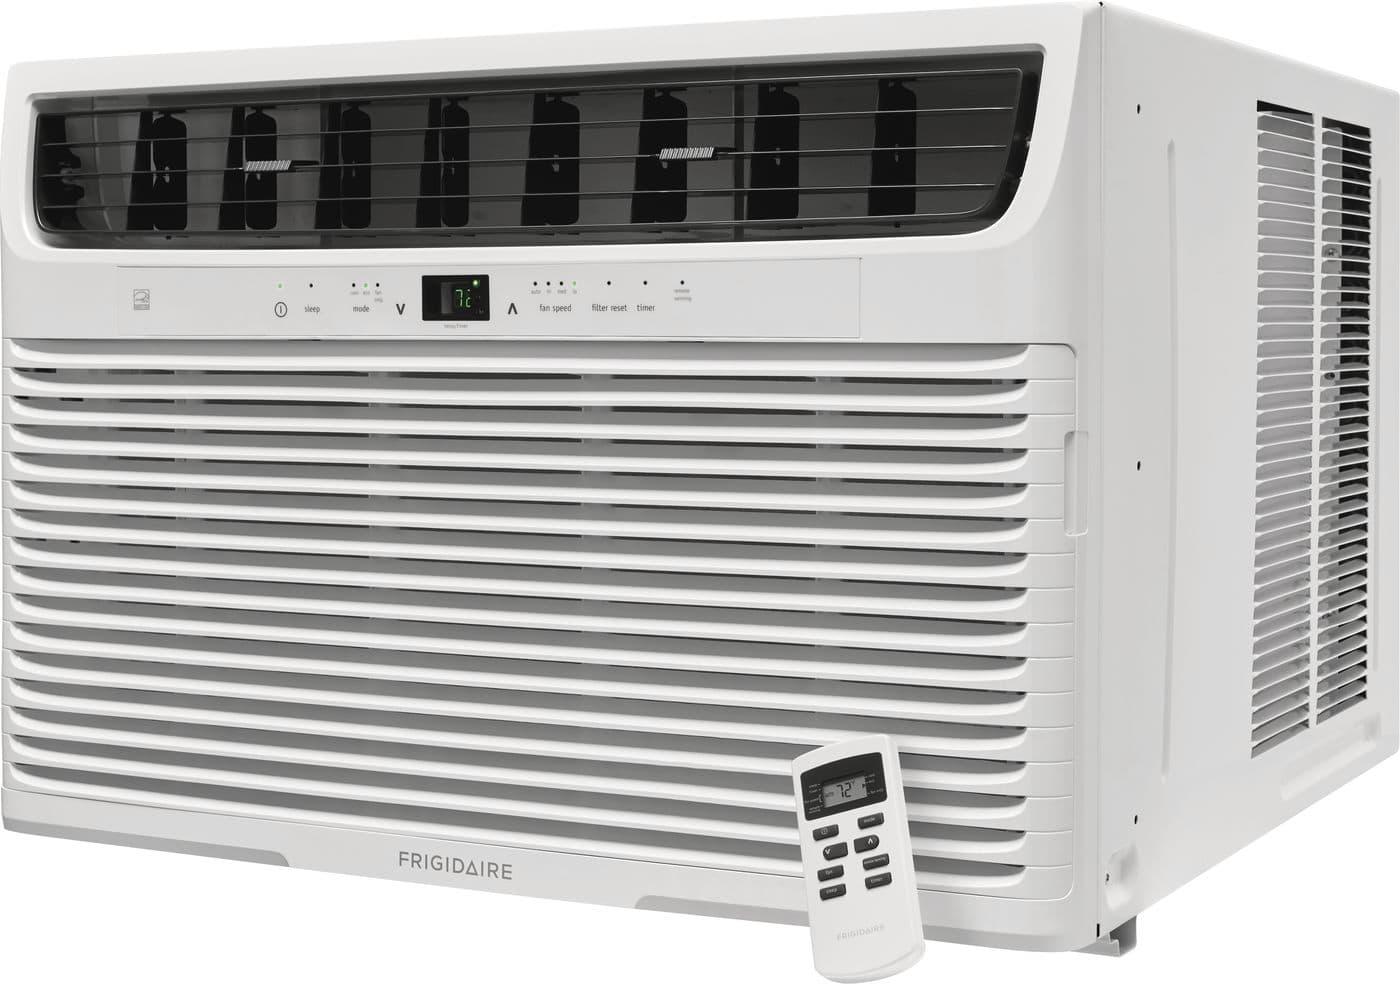 Model: FFRE2233U2   Frigidaire 22,000 BTU Window-Mounted Room Air Conditioner